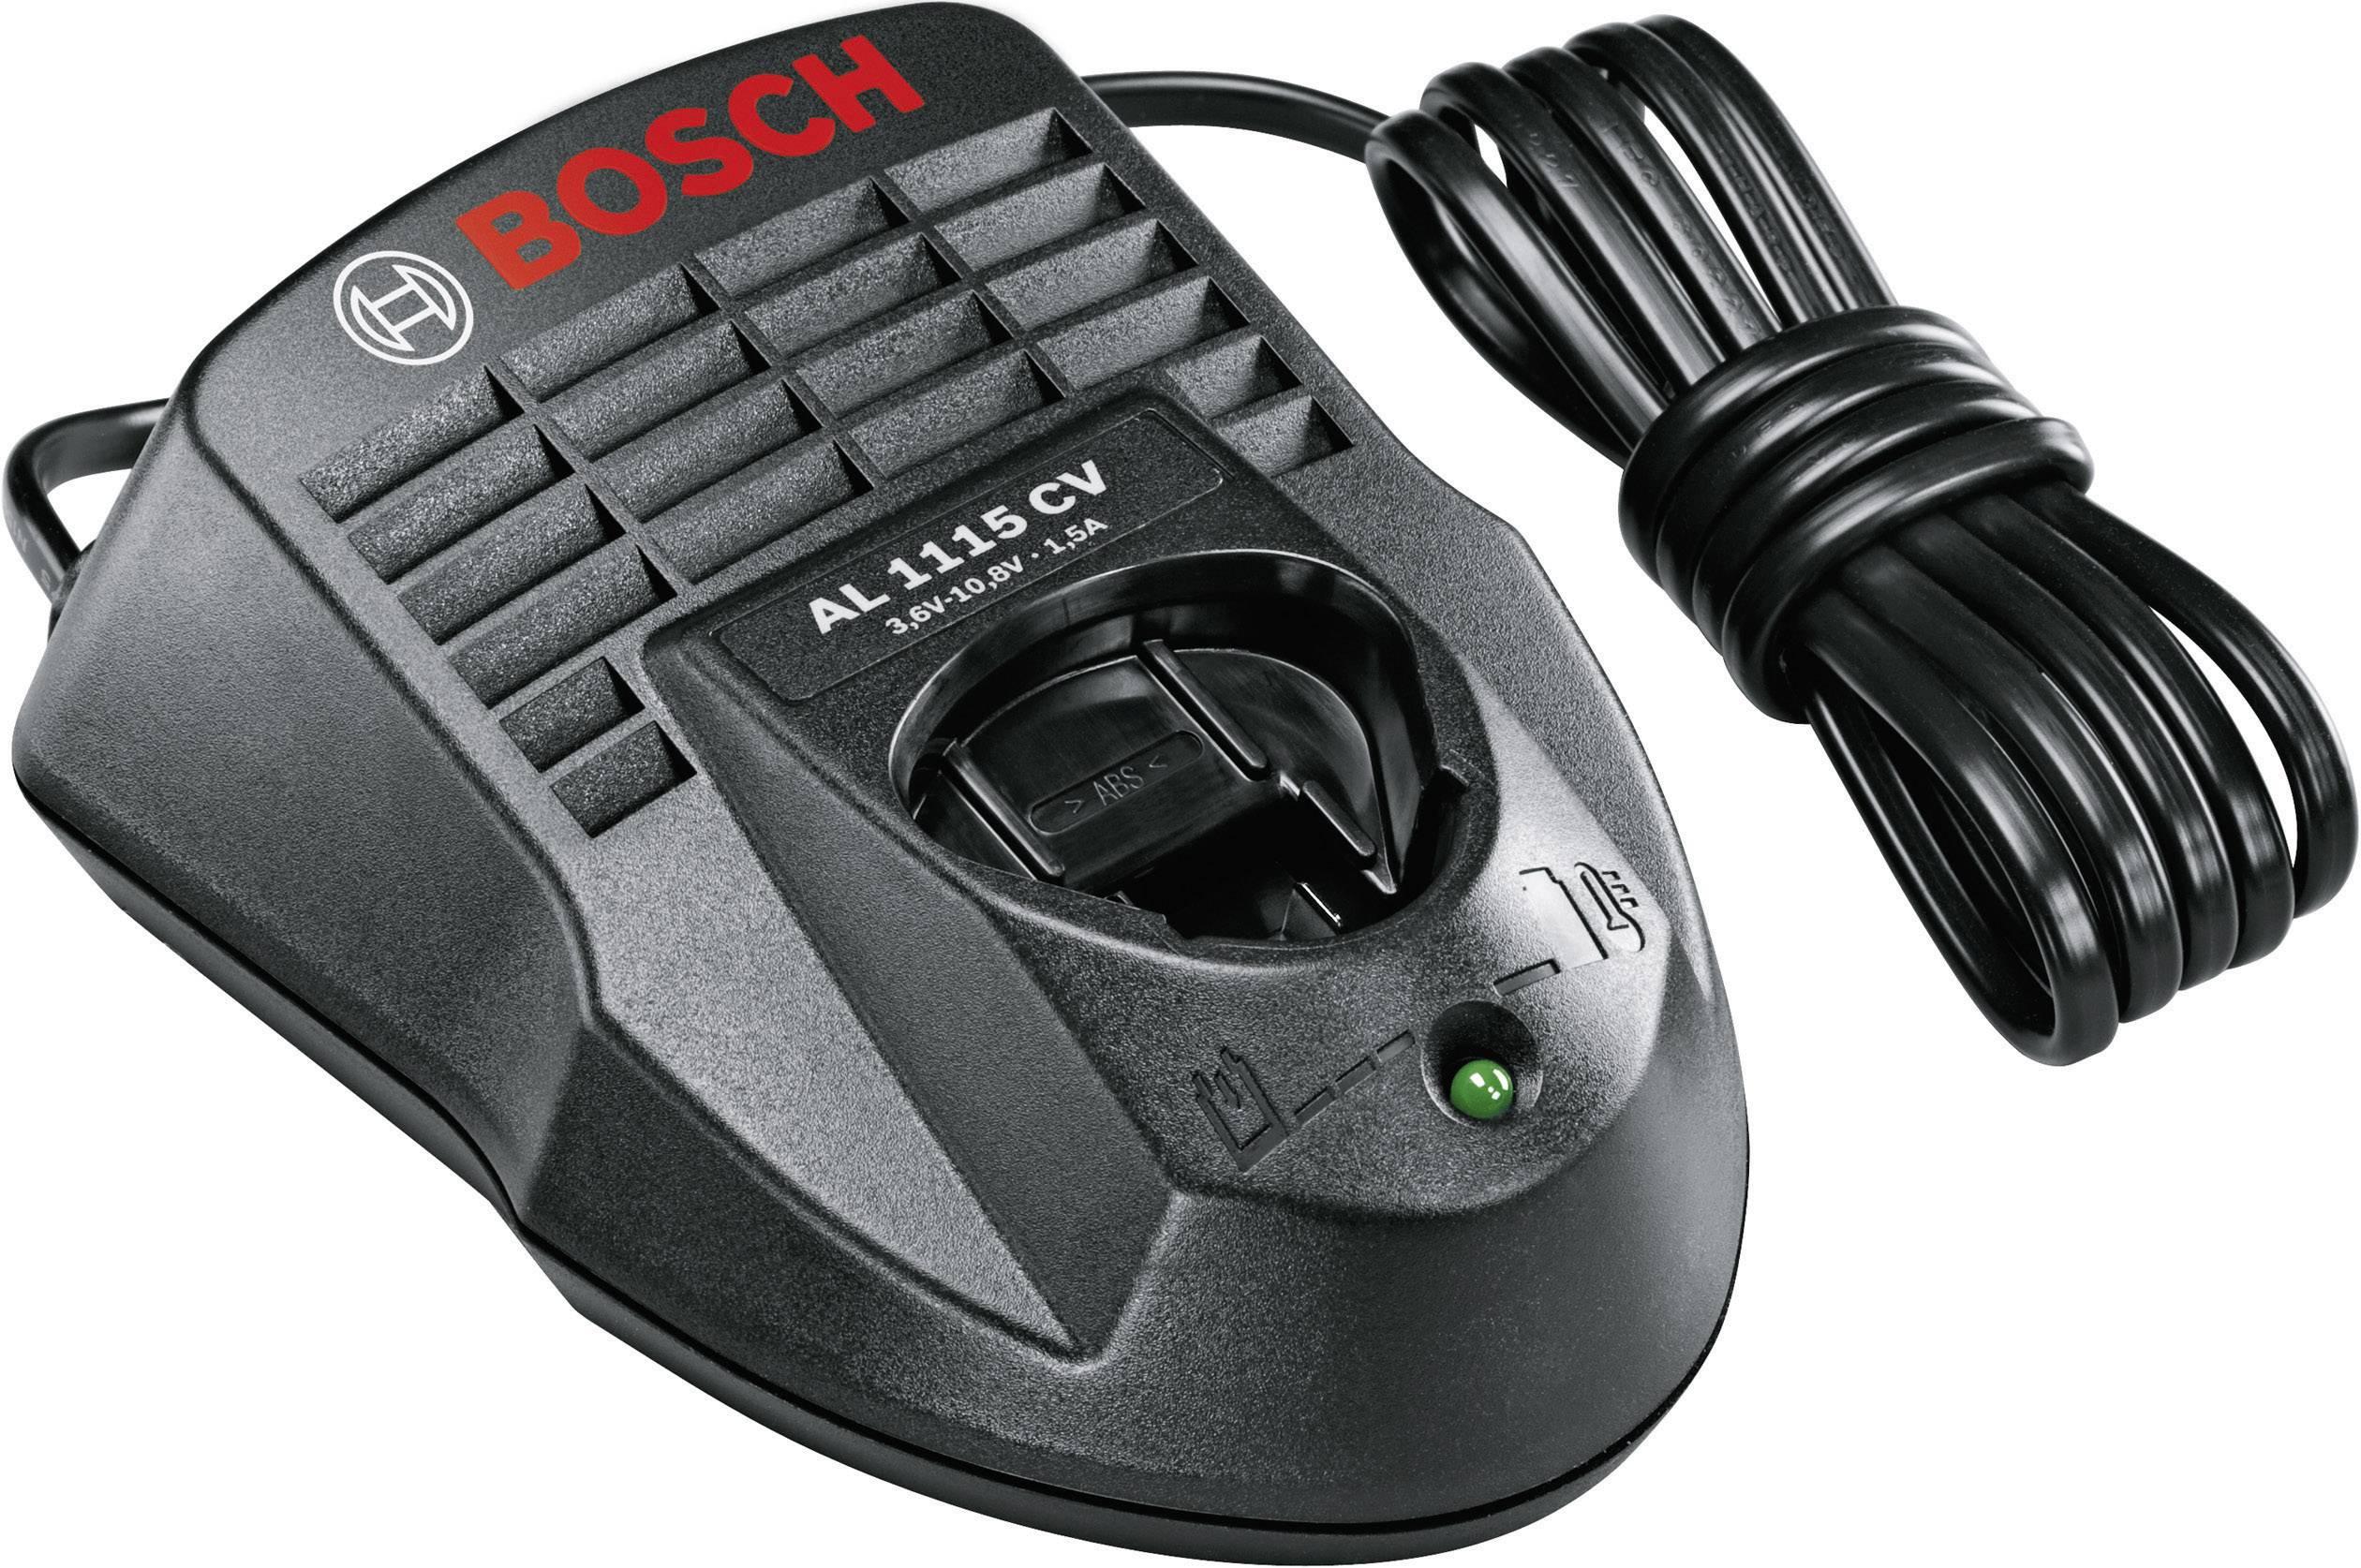 Nabíjačka Li-Ion akumulátorov Bosch AL 1115 CV, 1 600 Z00 03P